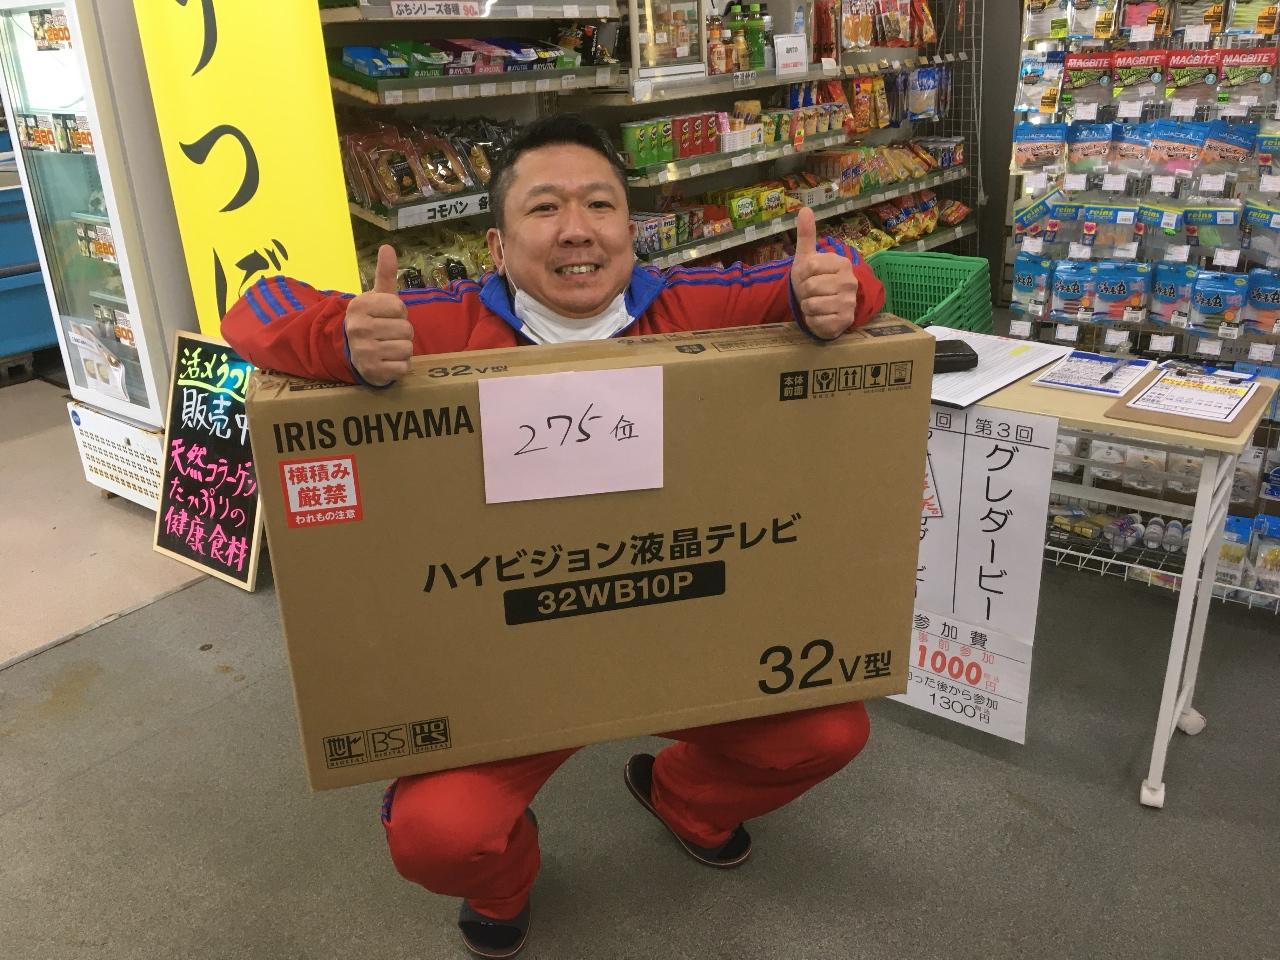 1/12    第5回アオリダービー      275位  バナナ様  アイリスオーヤマ32V型液晶テレビget !! おめでとうございます。